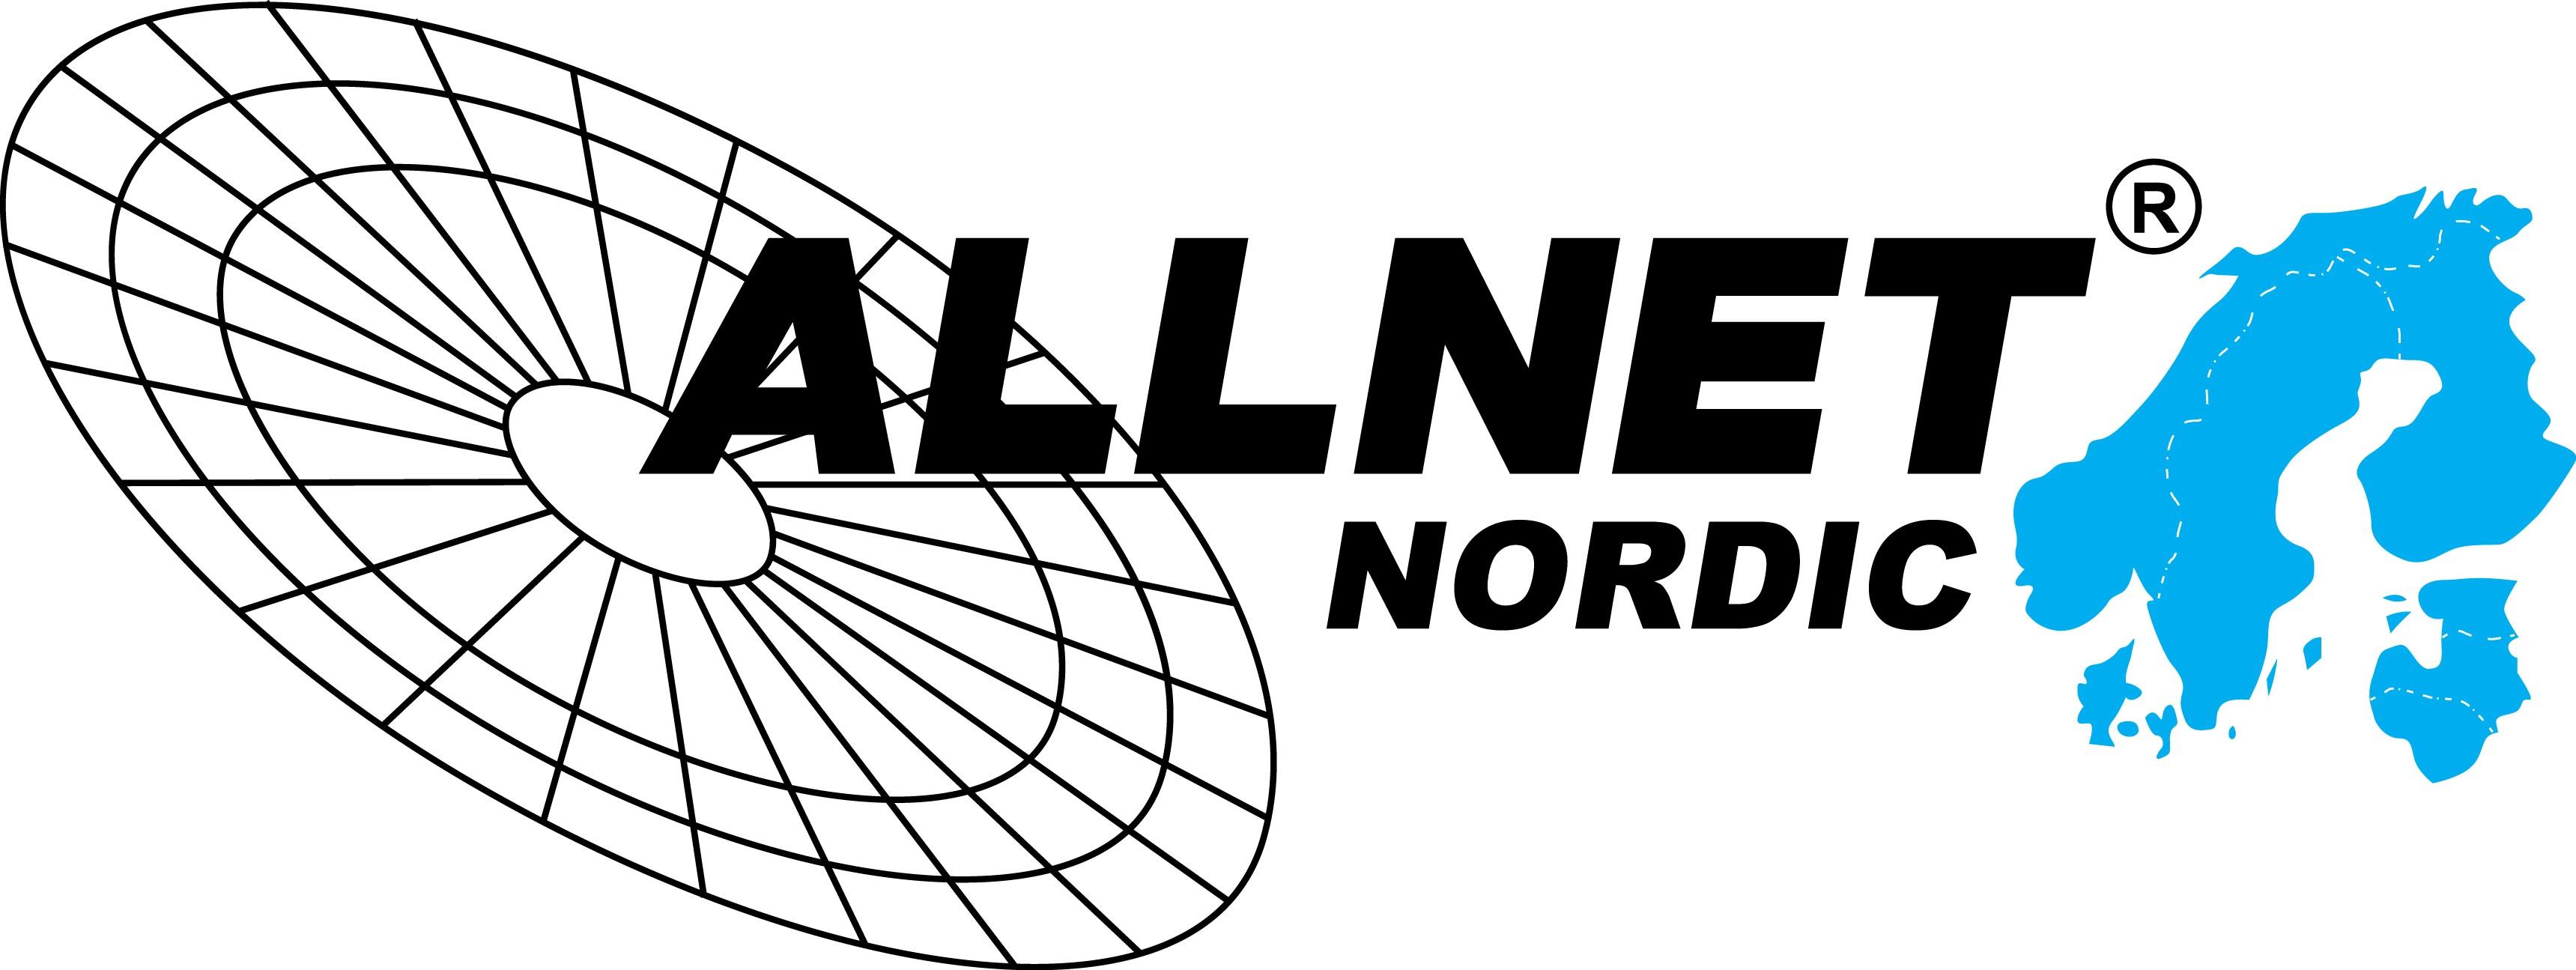 Allnet_Nordics_Logo.jpg